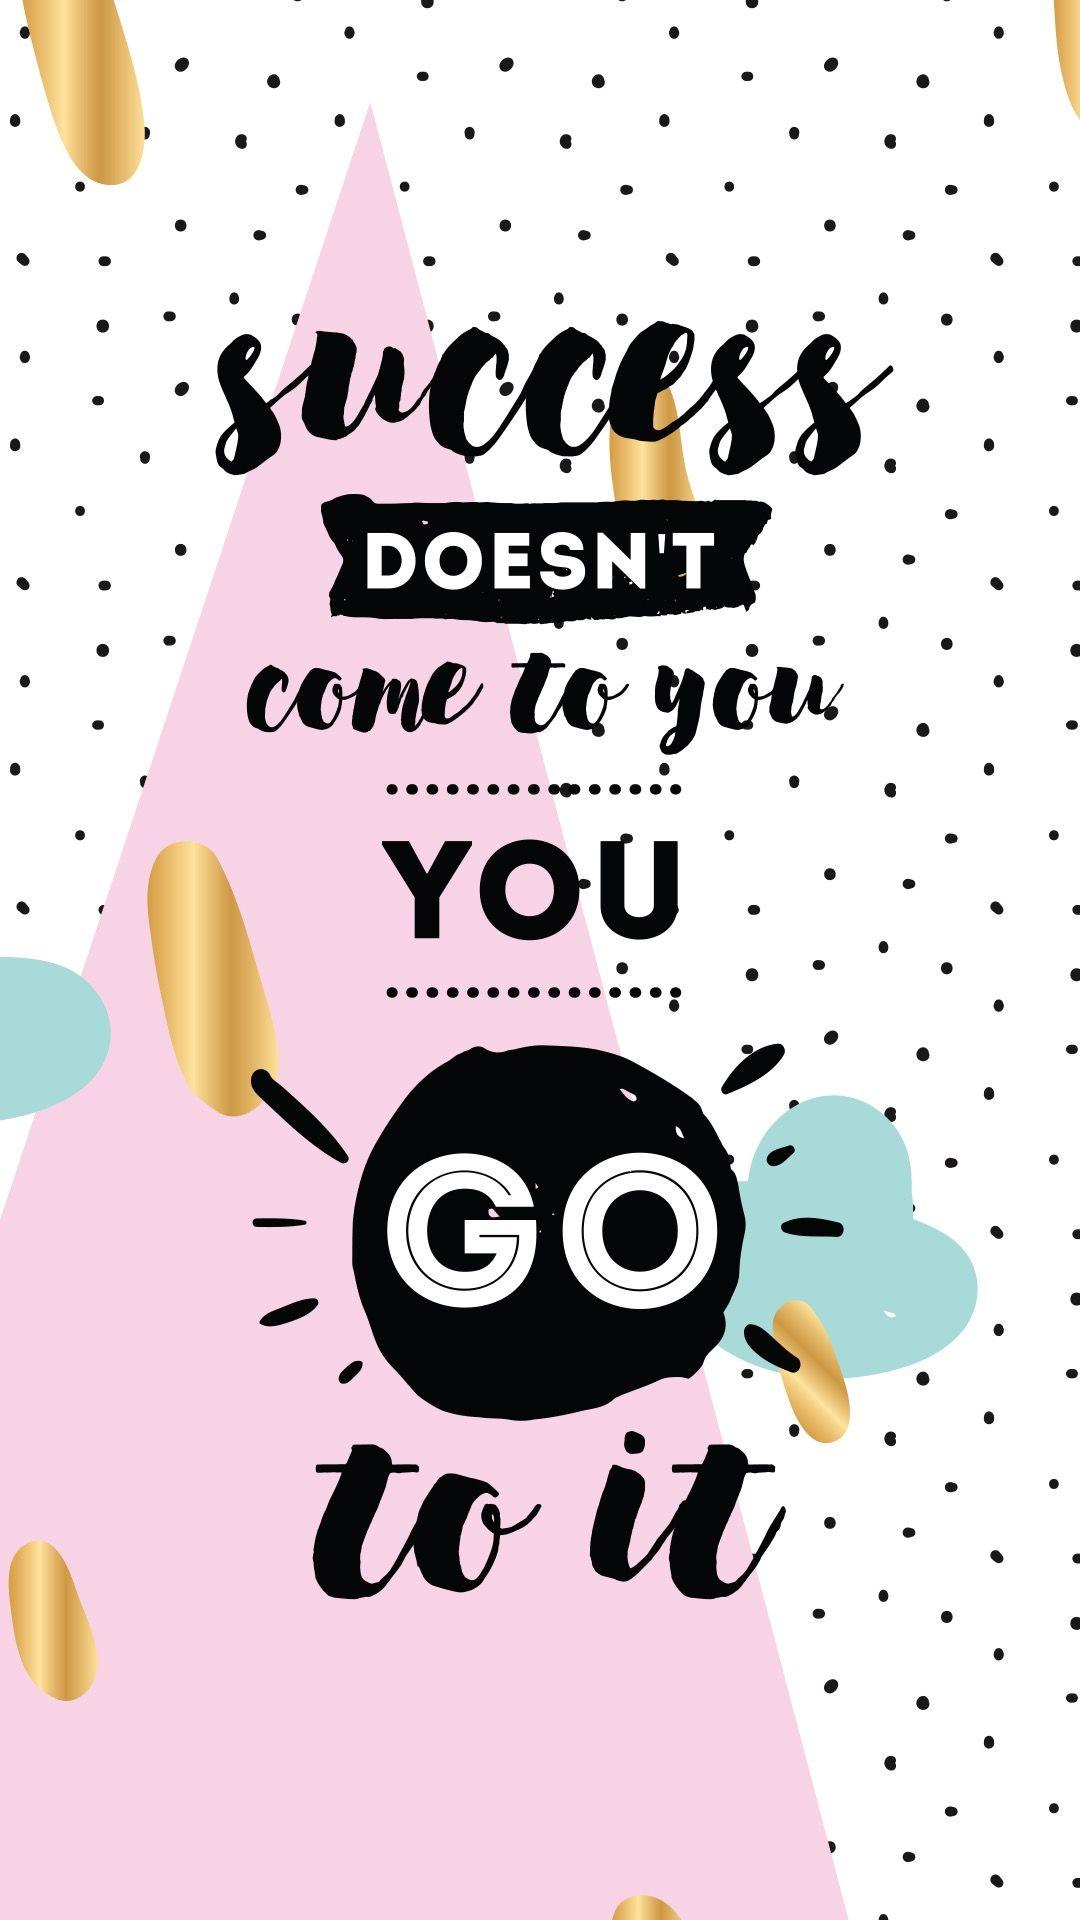 El Exito No Vine A Ti Ve Por El Wallpaper Quotes Inspirational